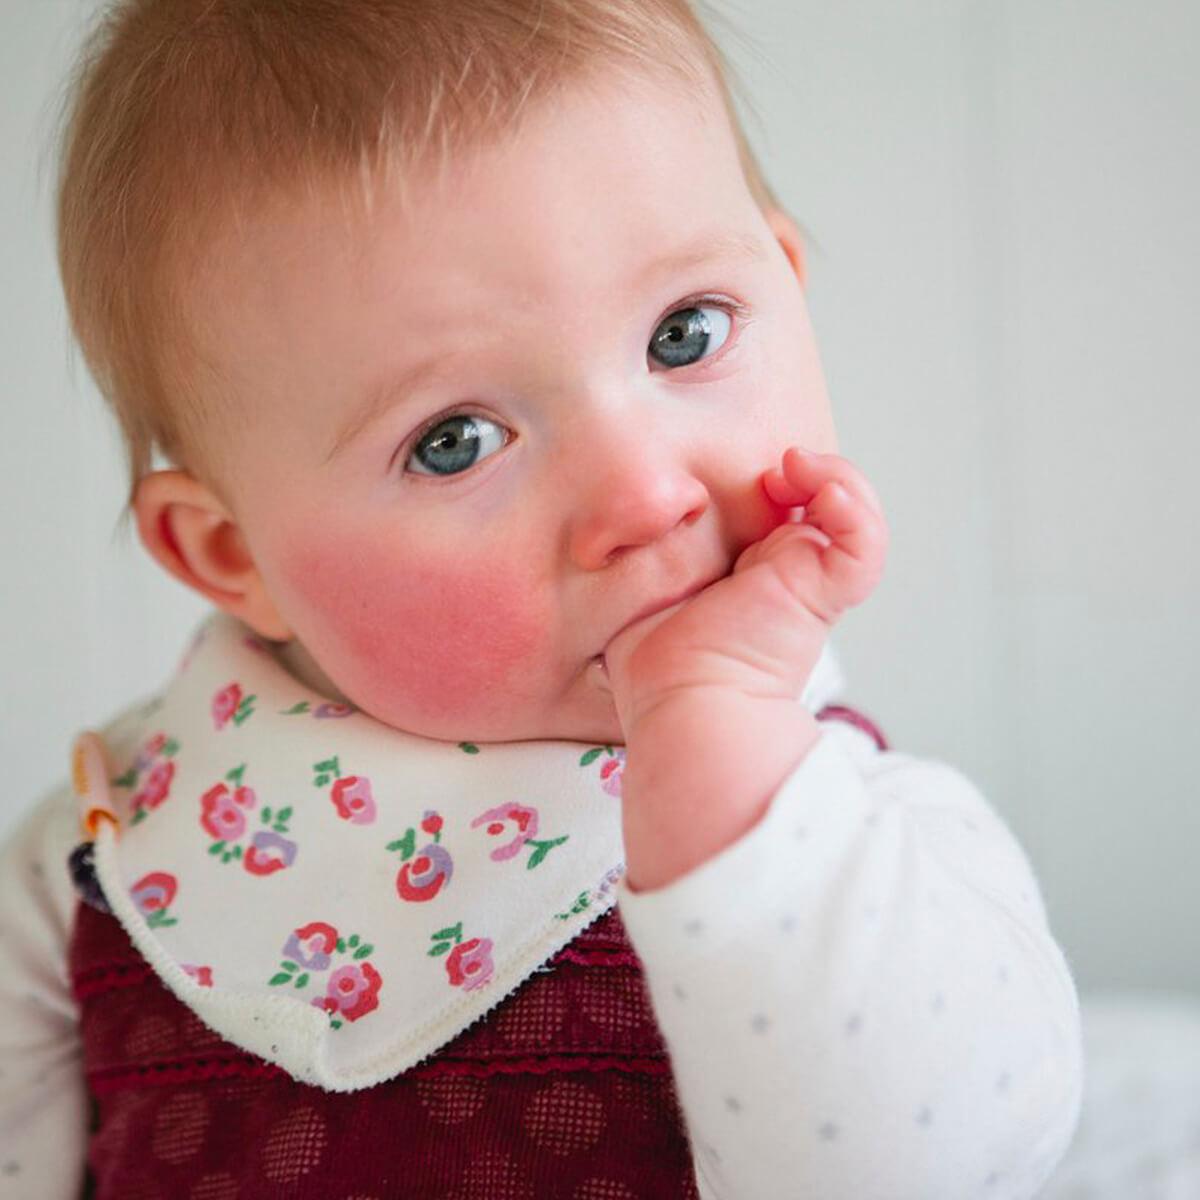 حساسیت پوستی کودکان و نوزادان